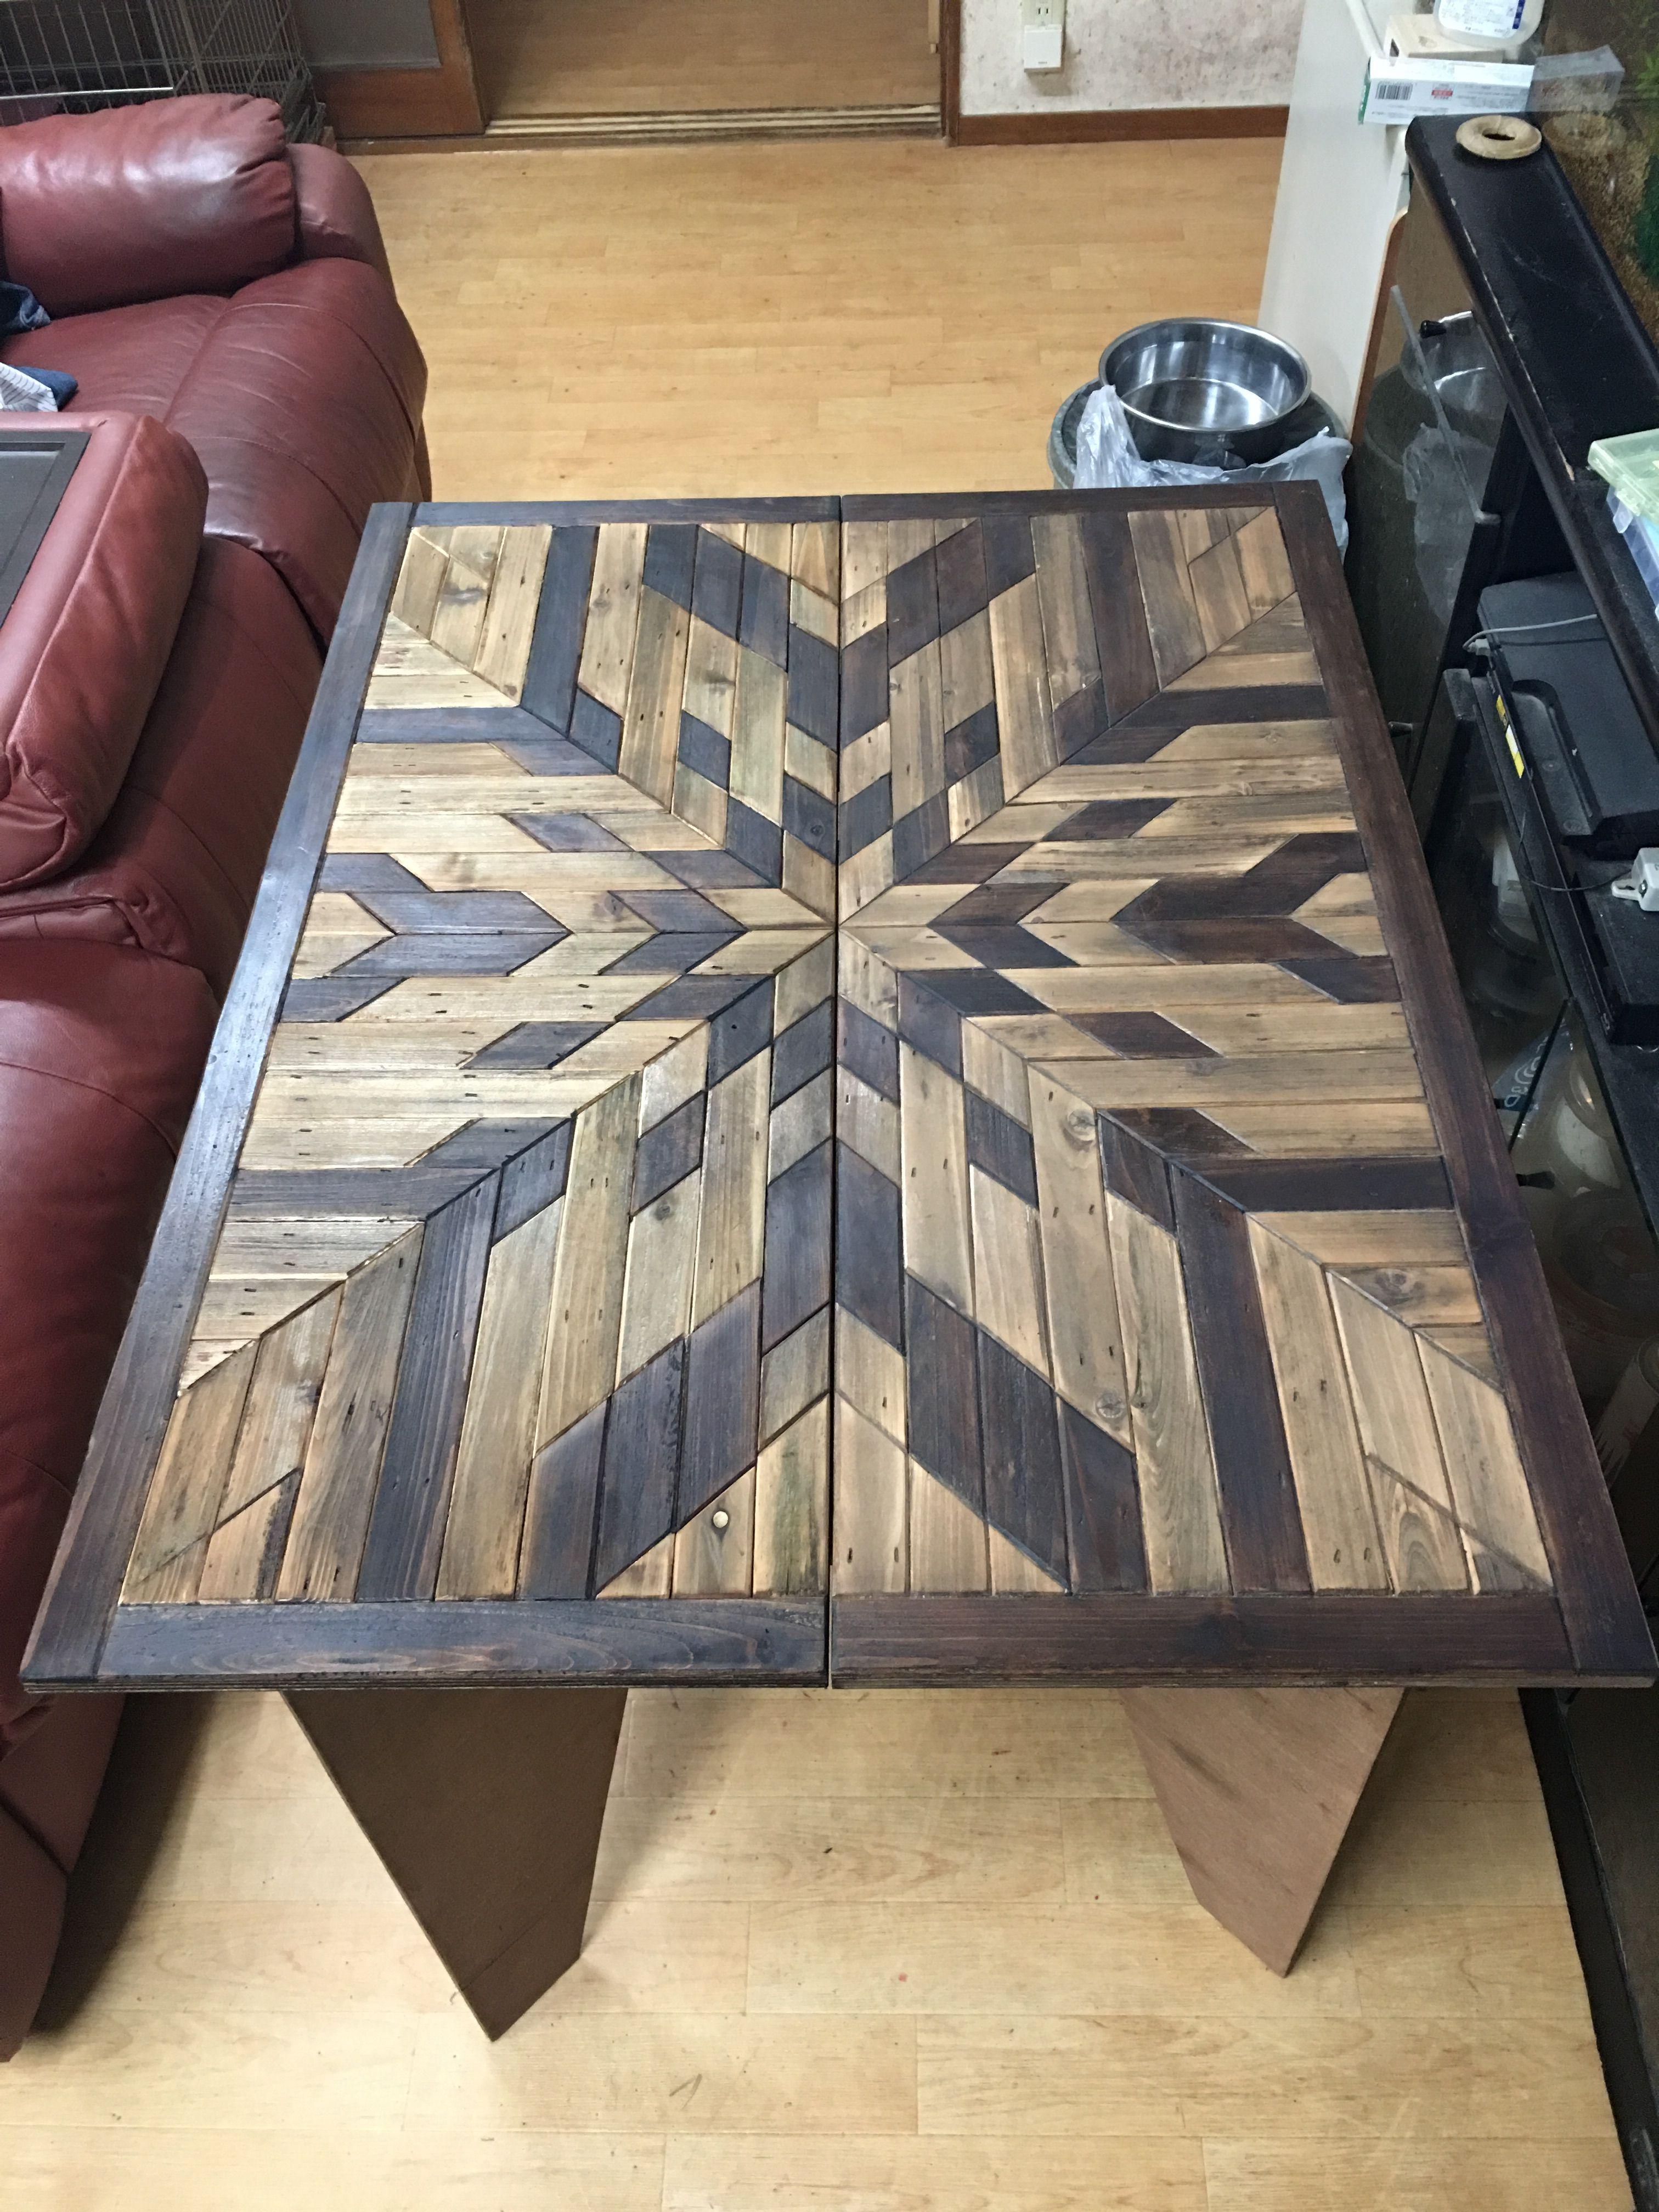 ローテーブル Wood Wall Art キャンプ テーブル 自作 インテリア 家具 インテリア